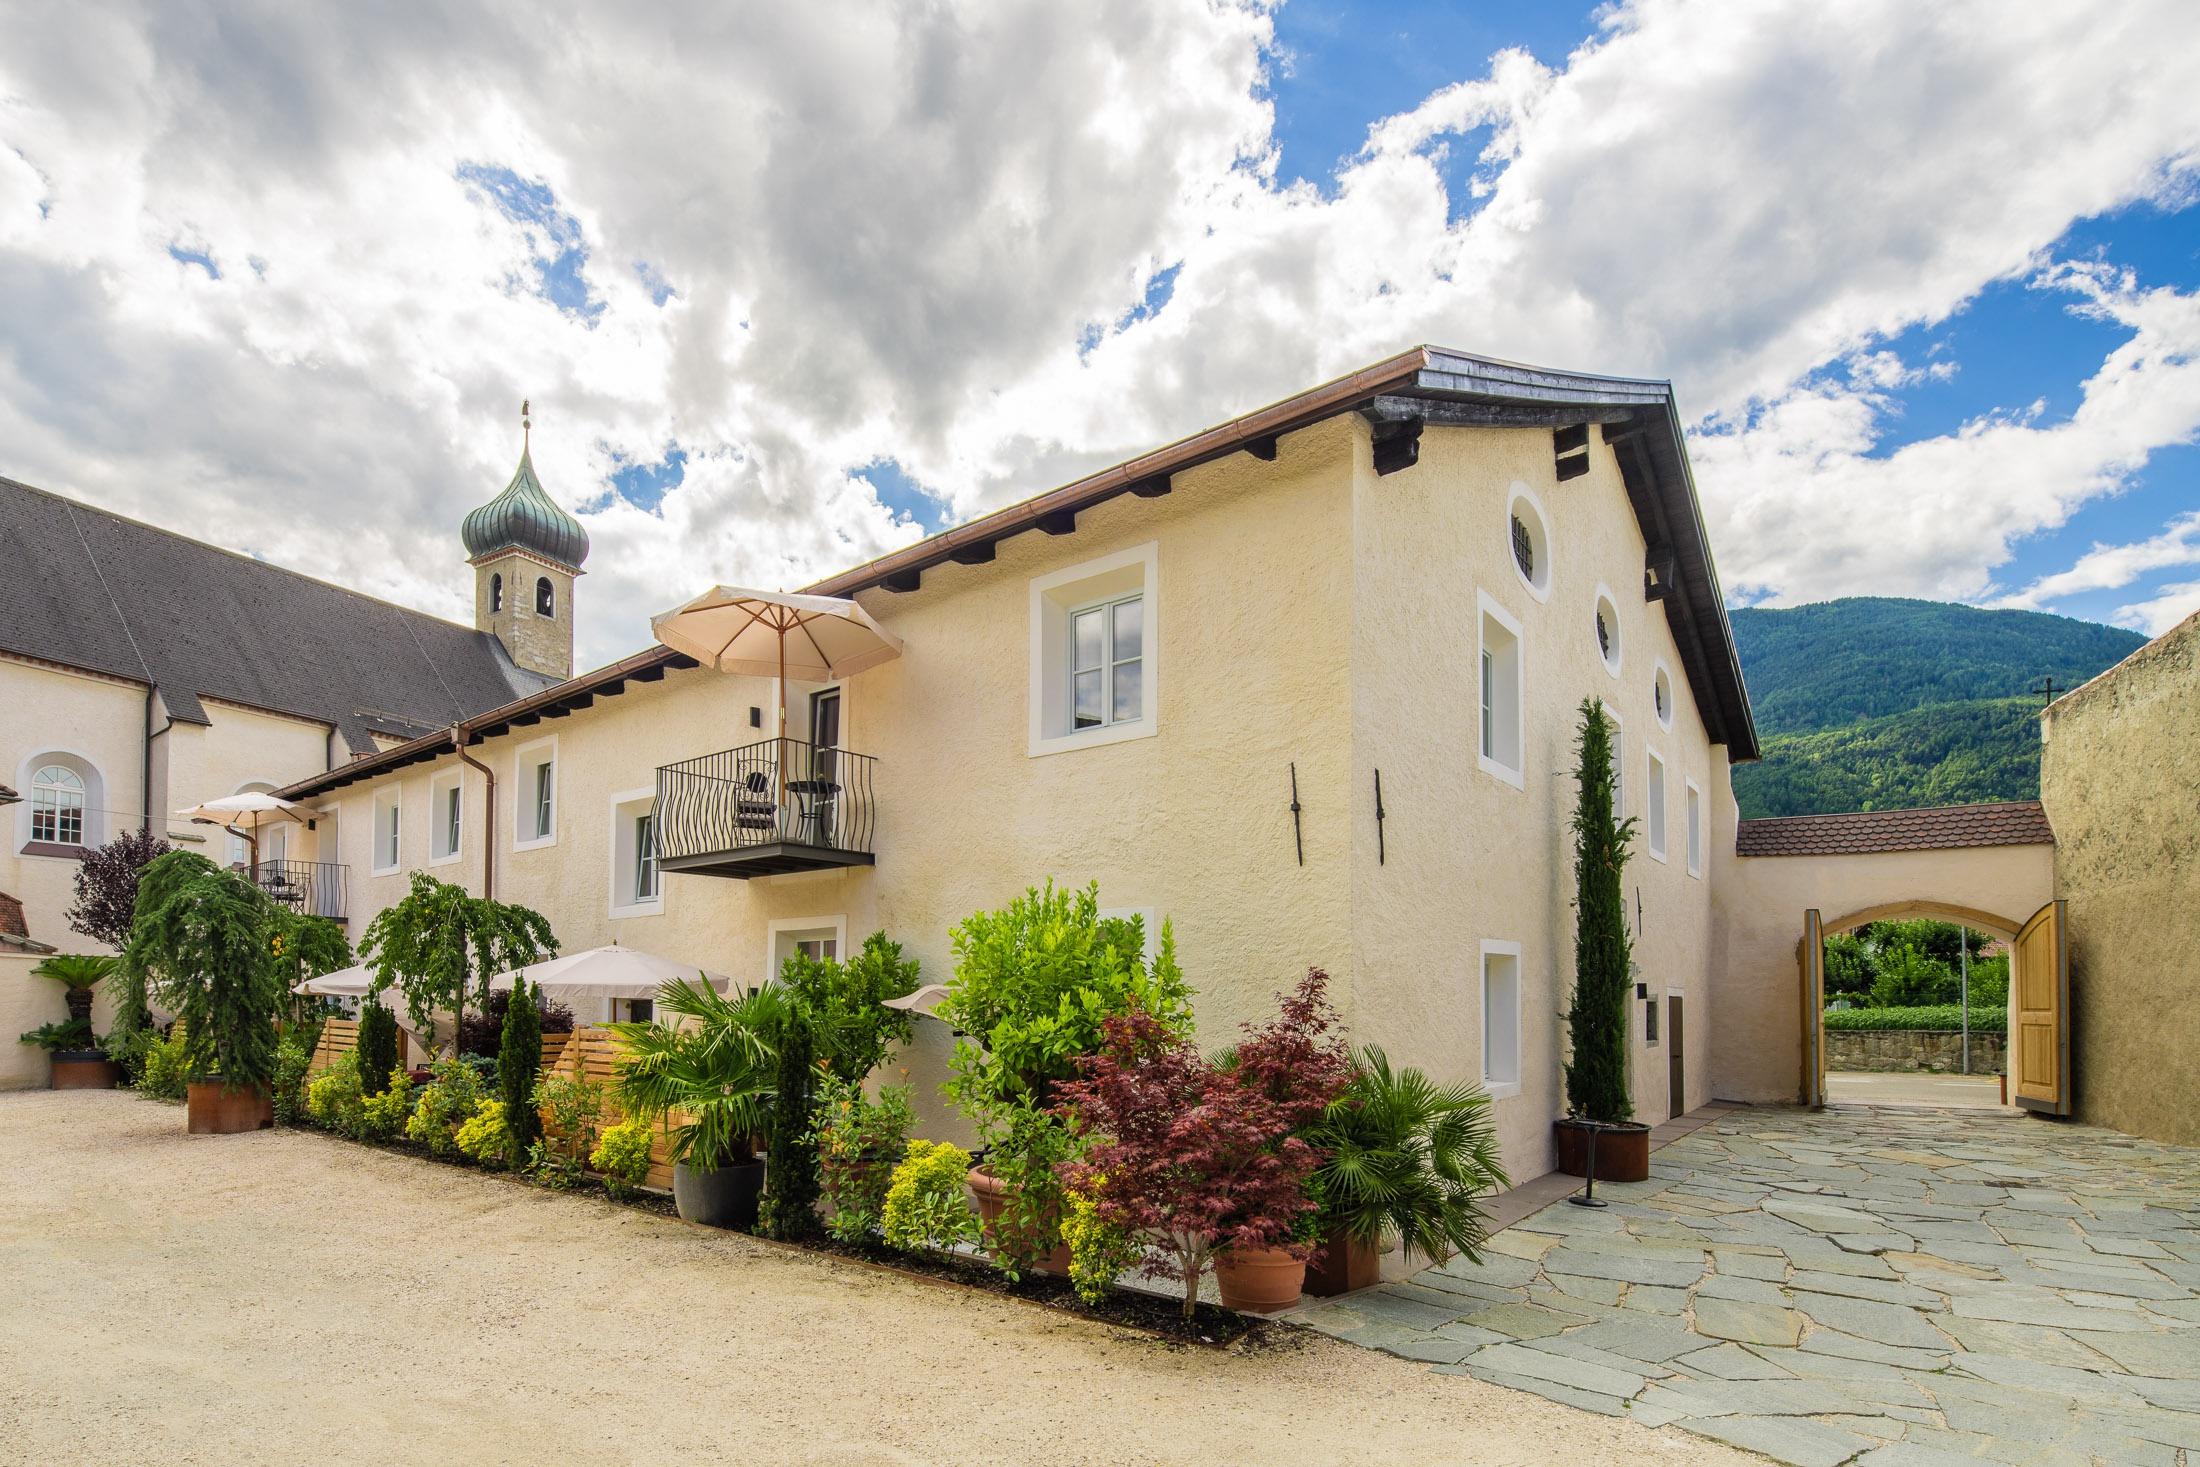 Appartments Traube - Bressanone - Appartamenti 5 soli - Alto Adige ...